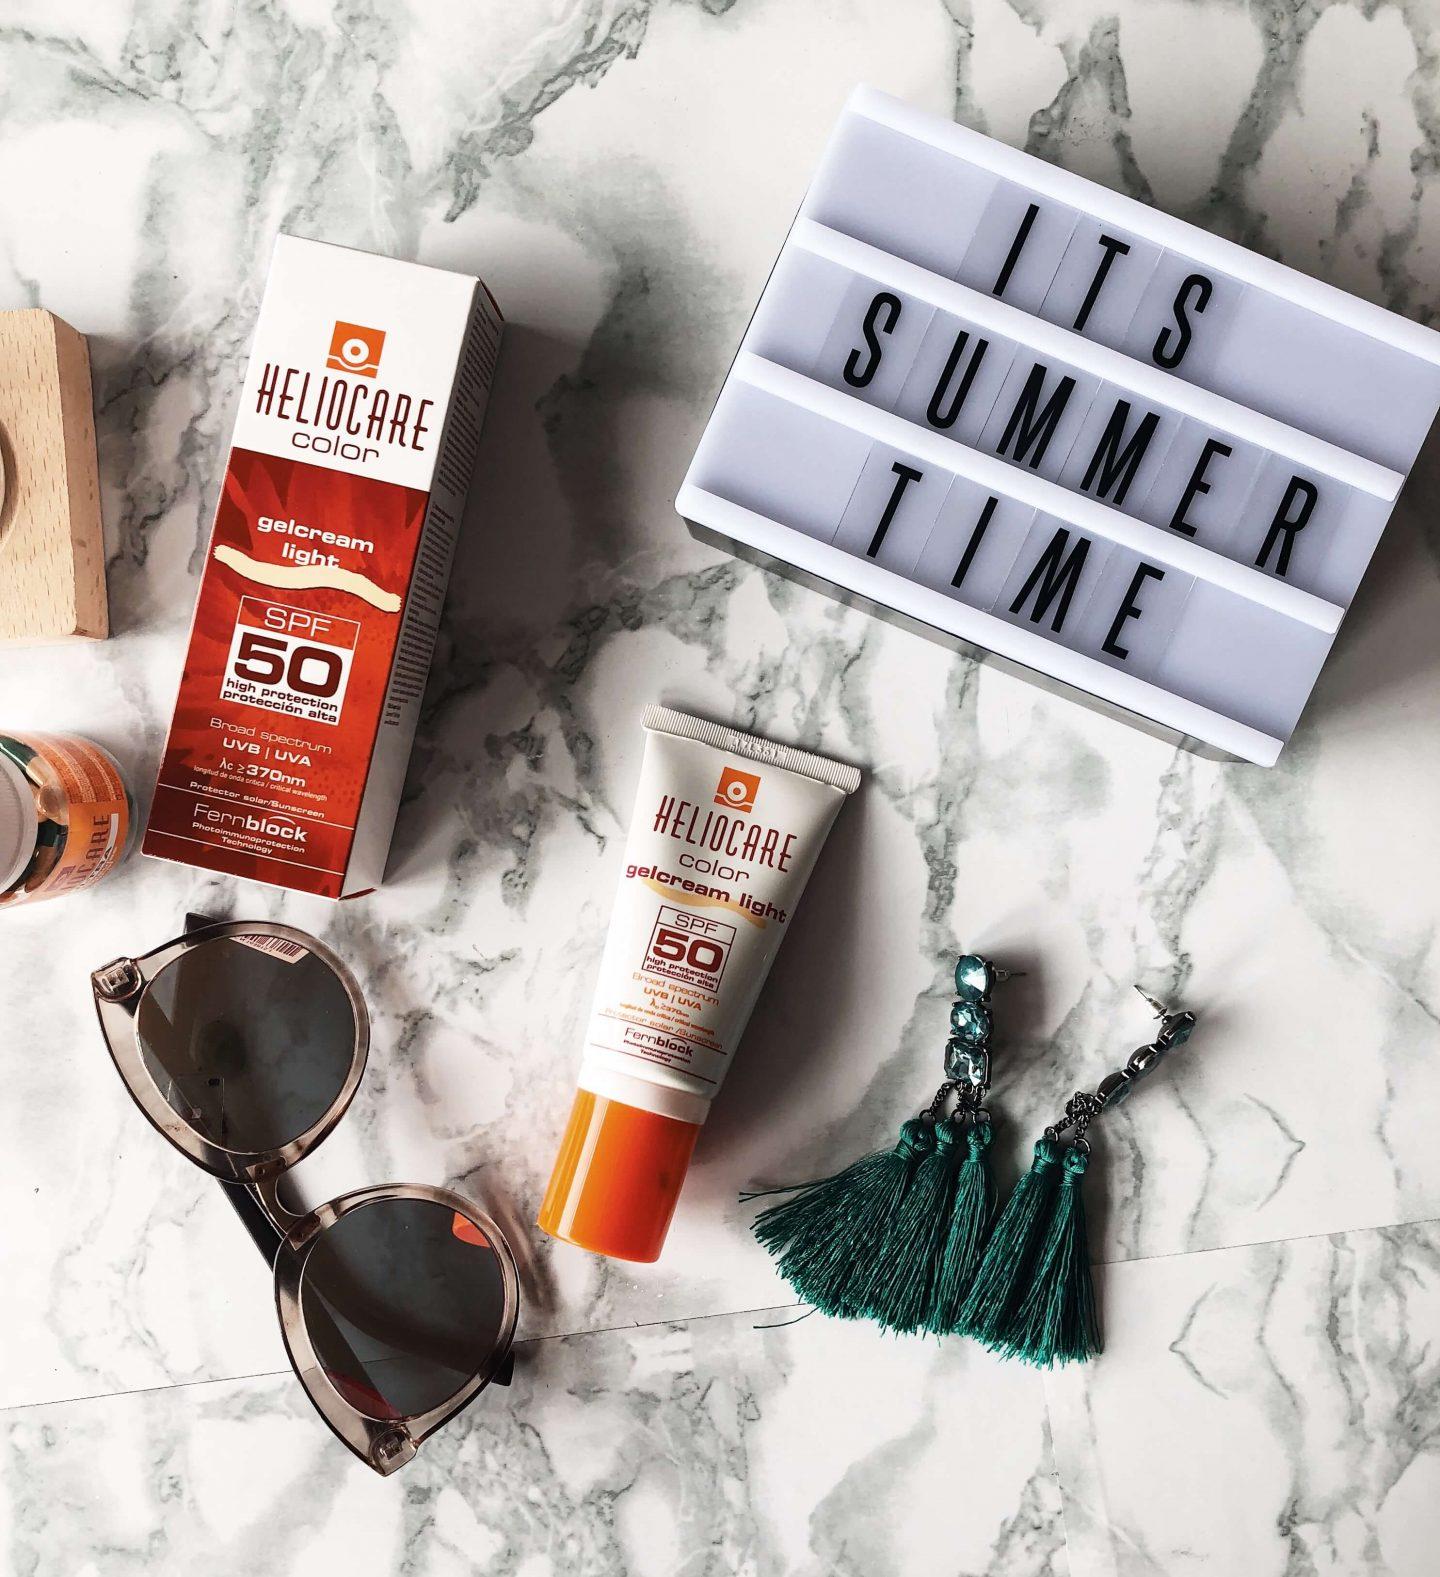 Heliocare sunscreen gelcream topknotch blog south africa